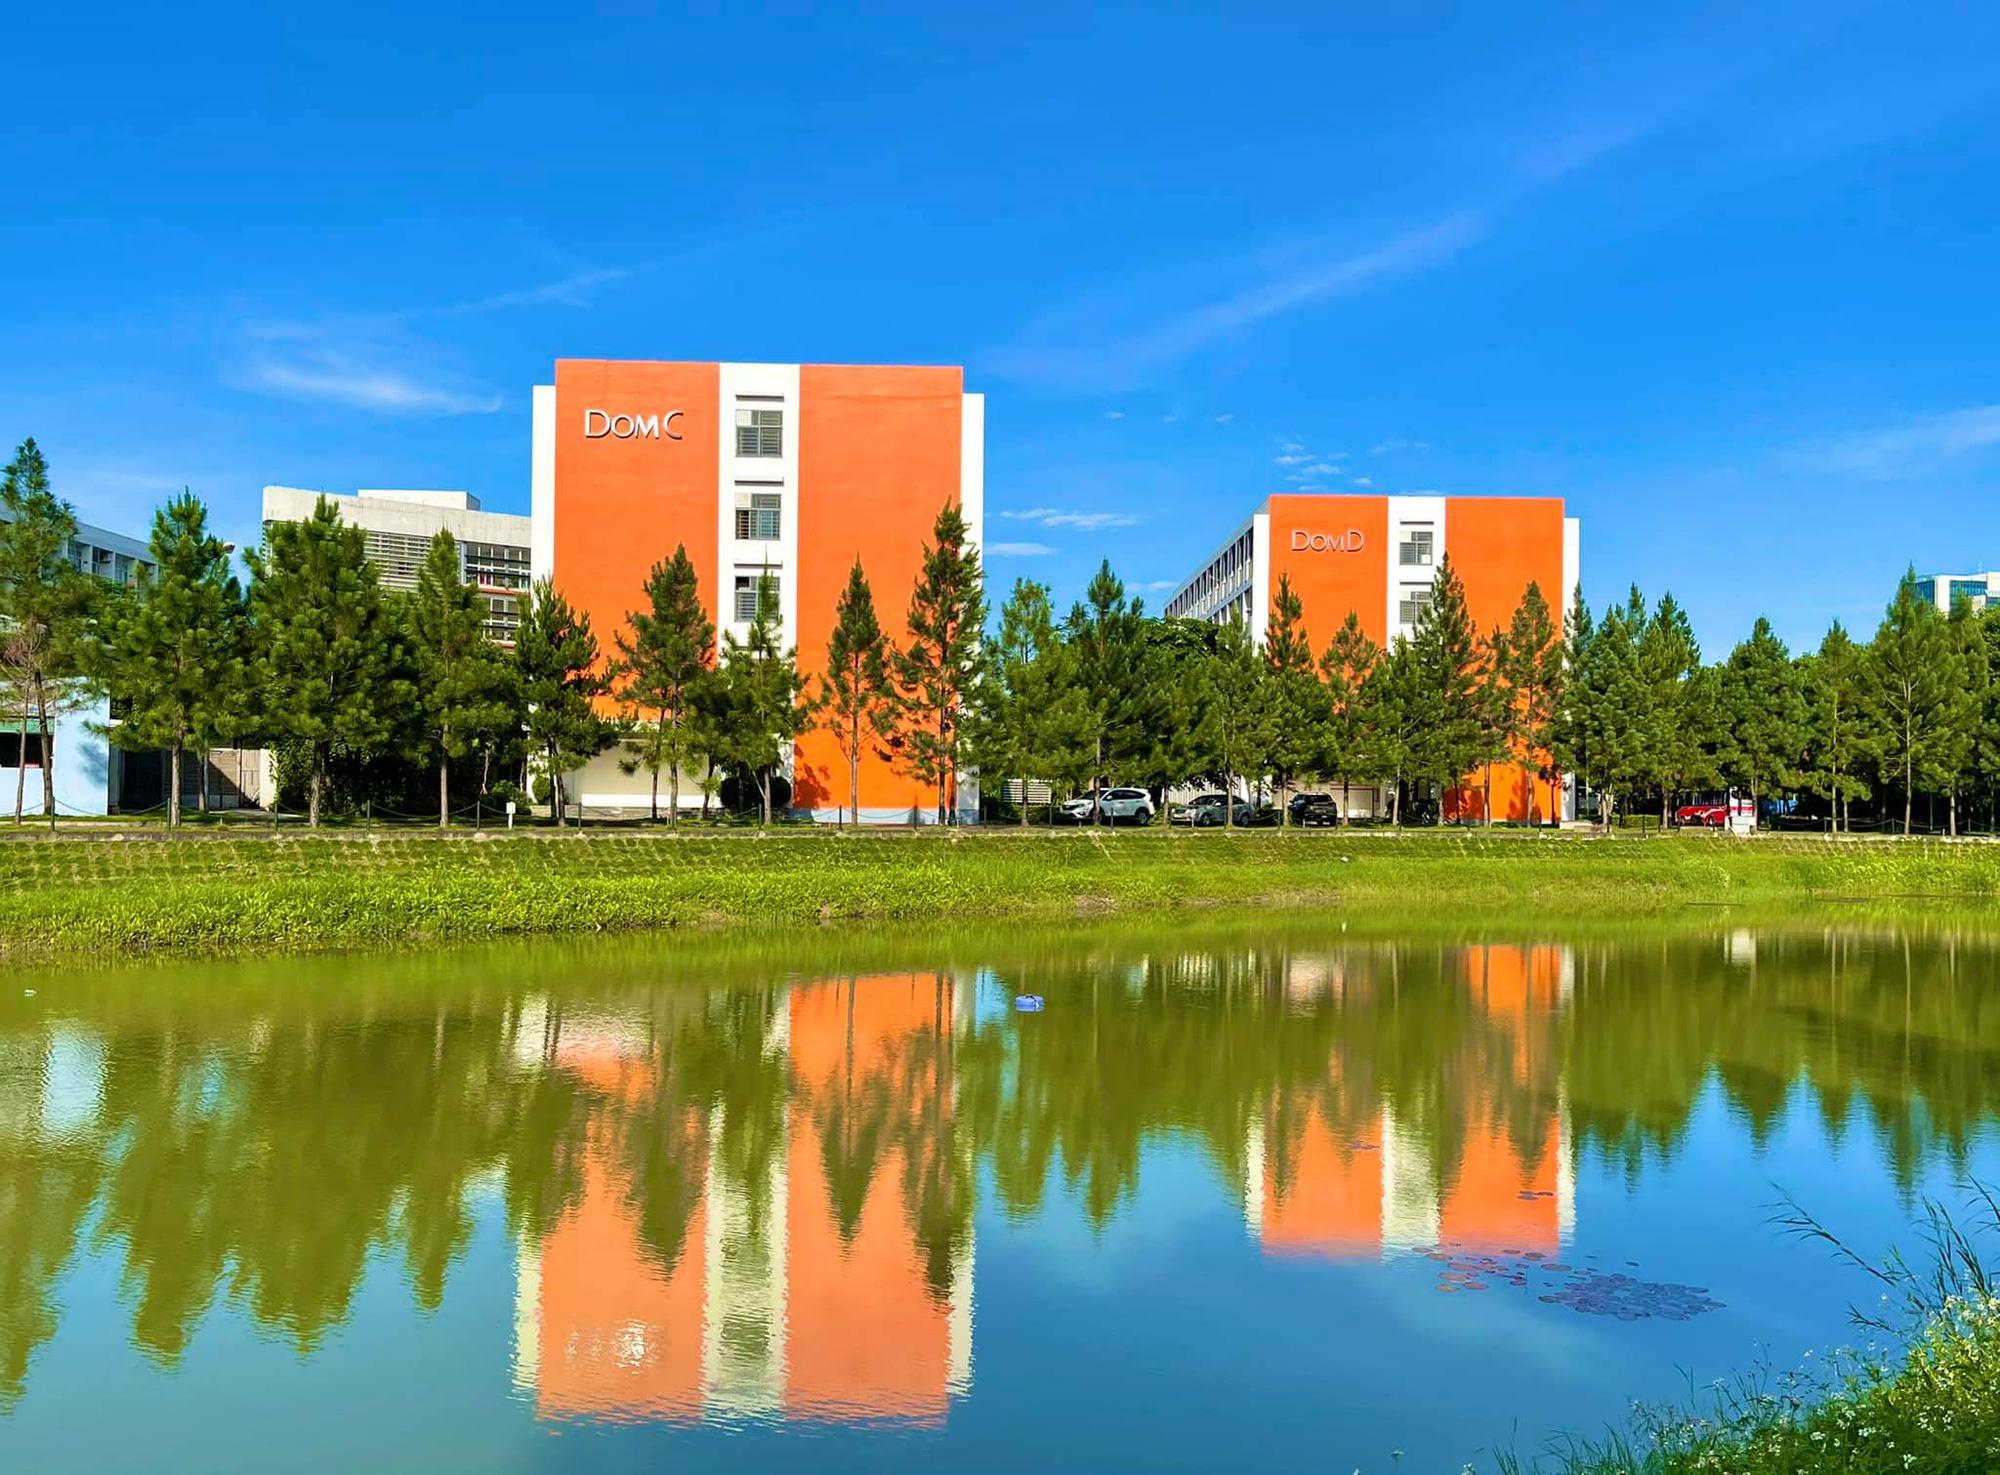 Cận cảnh khu cách ly Covid-19 xanh mát tại campus Hòa Lạc - Ảnh 1.